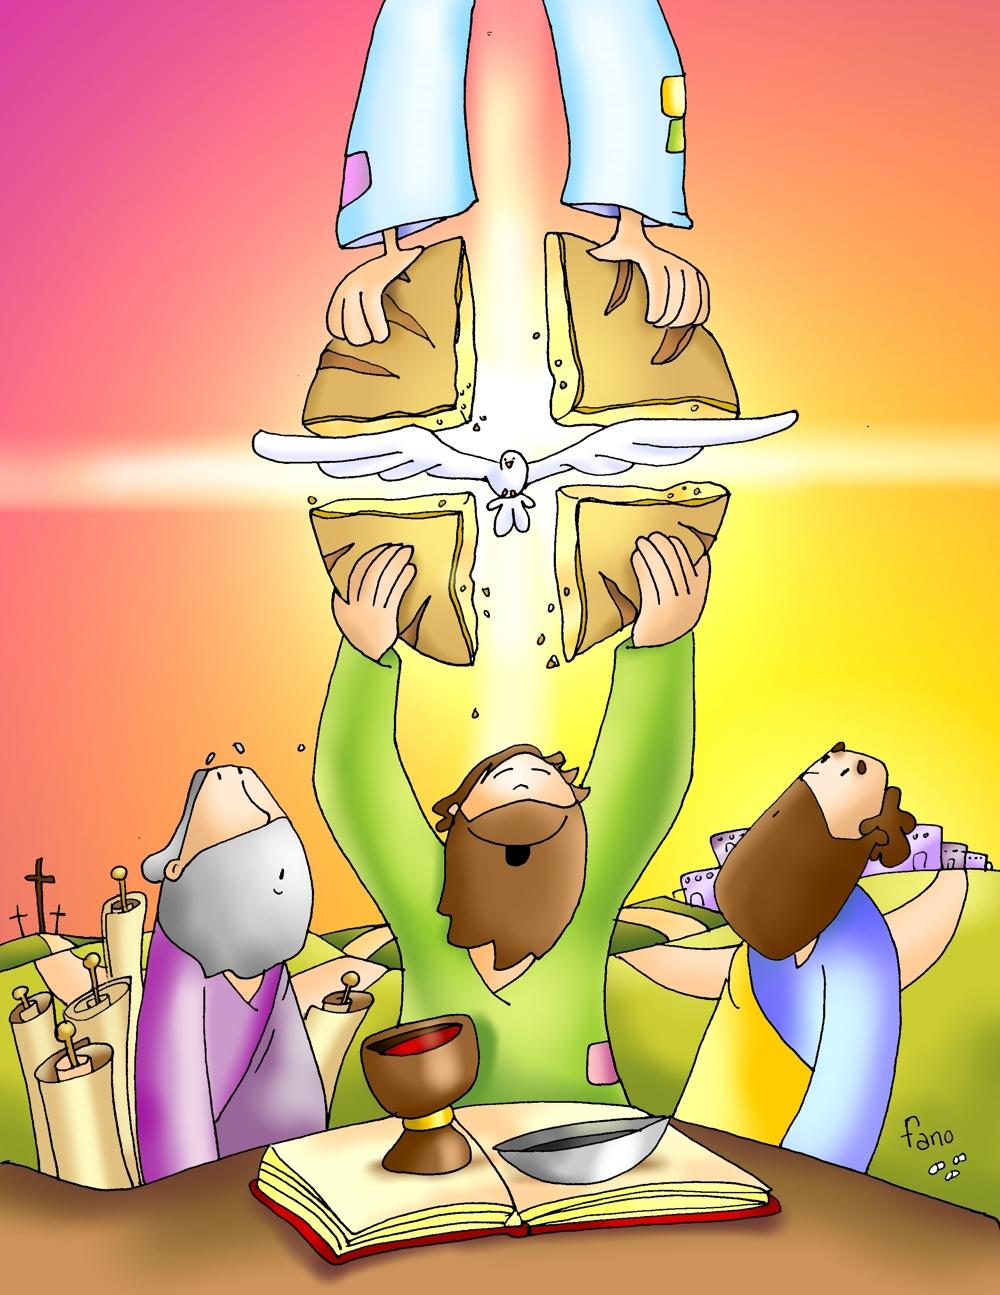 Evangelio Dominical  07 De Mayo De 2011  Tercer Domingo De Pascua